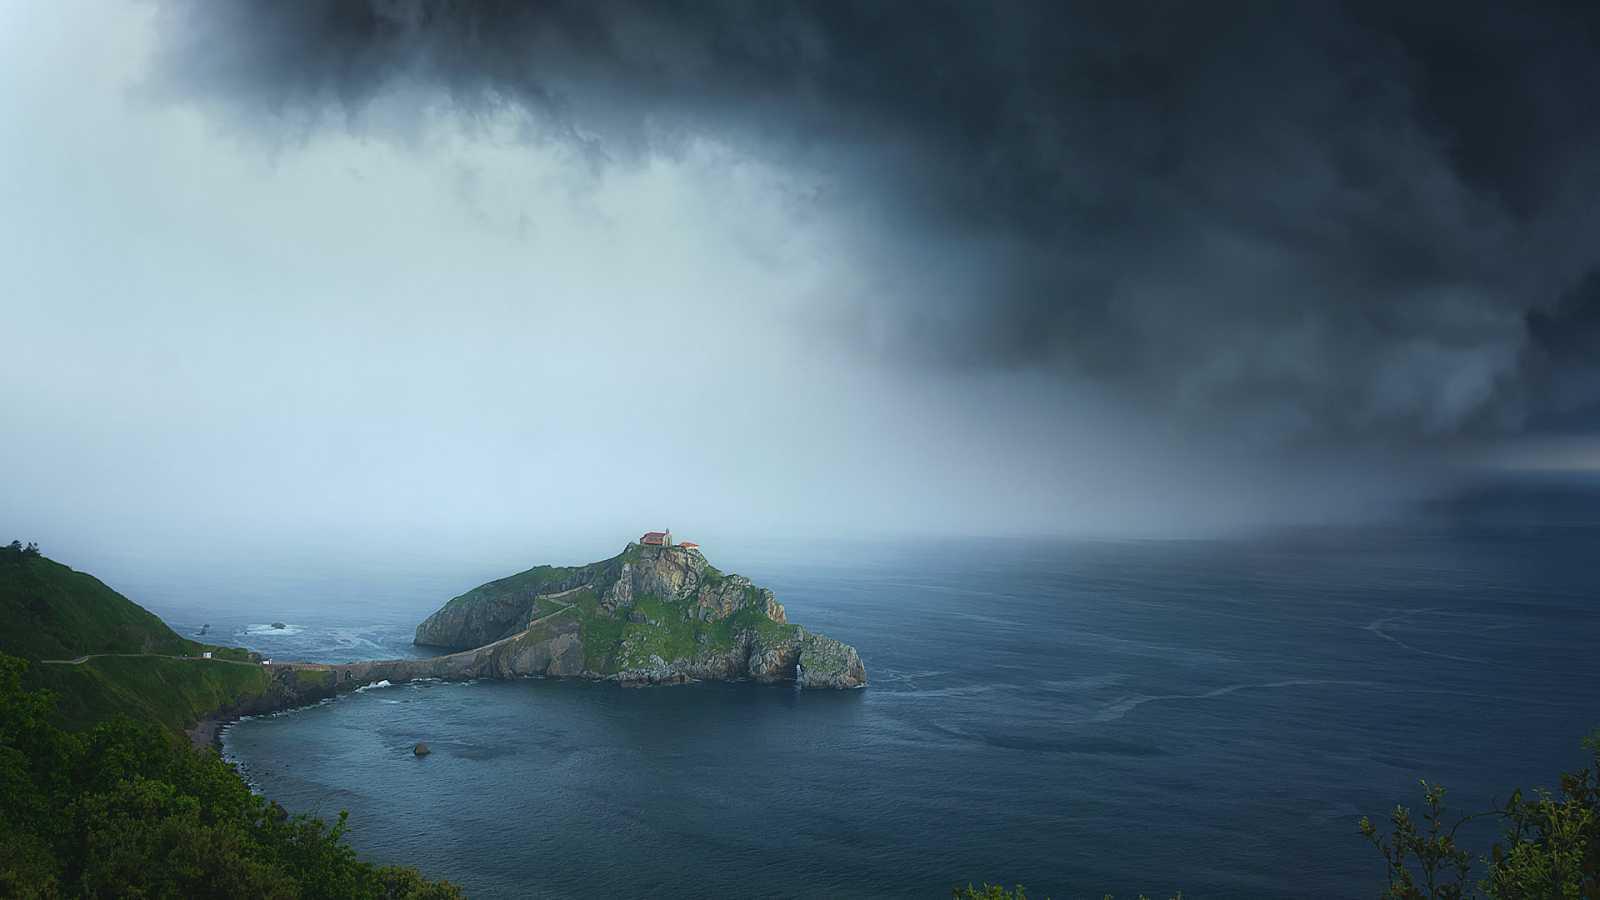 Lluvias fuertes en el extremo sureste peninsular y en Melilla - Ver ahora